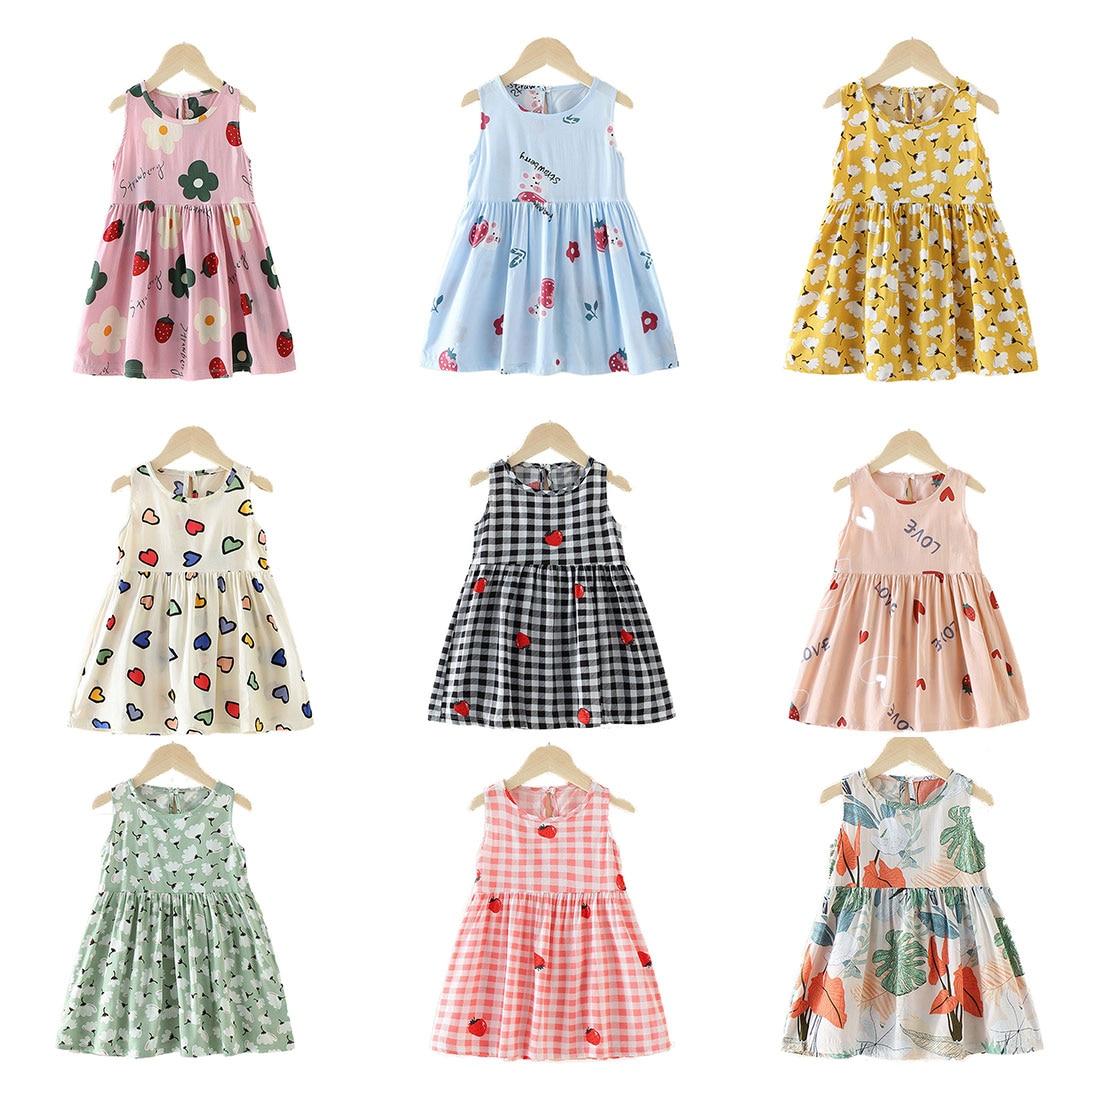 1 2 3 4 5 6 7 8 Years Summer Girl Princess Dress Cotton Cherry Dresses Polka Dot Kids Dresses for Girls Children Clothing